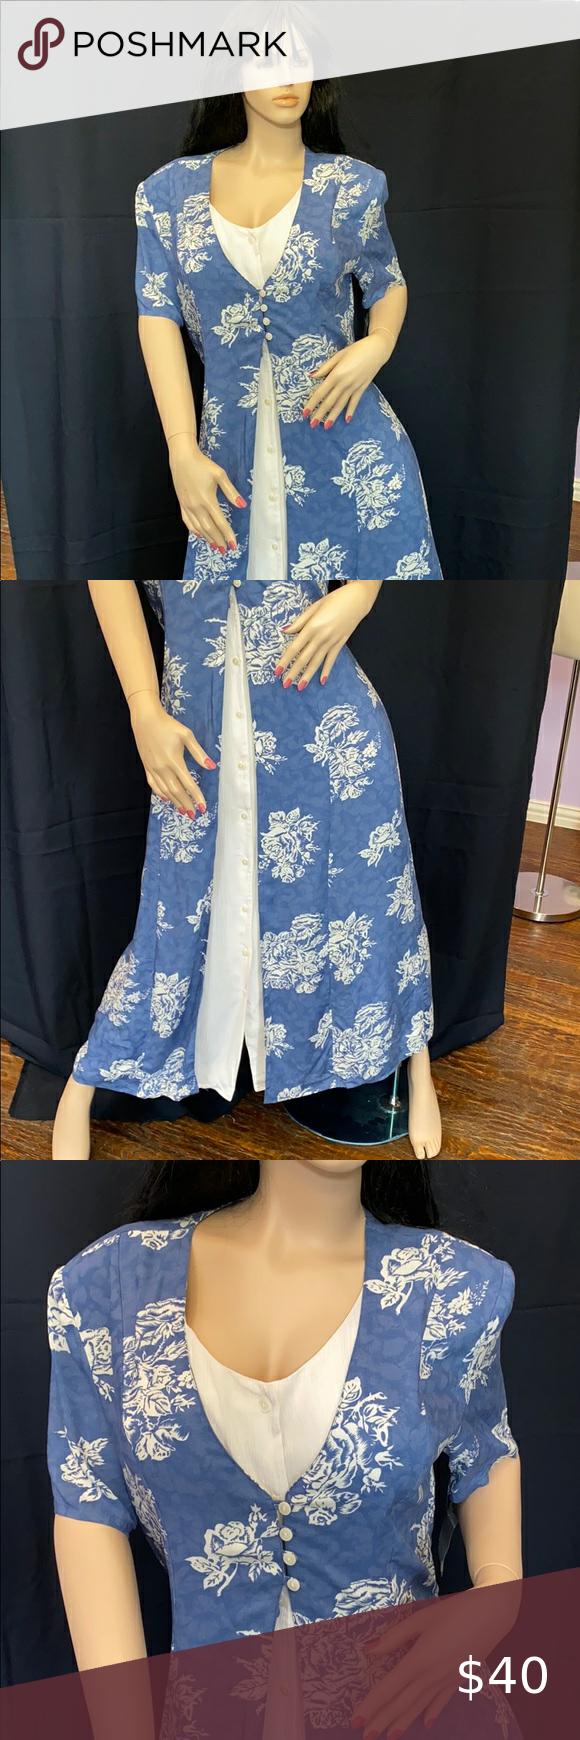 Nwot Newport News Summer Dress Size 18 Gorgeous Summer Dresses Size 18 Dress Summer Dresses [ 1740 x 580 Pixel ]